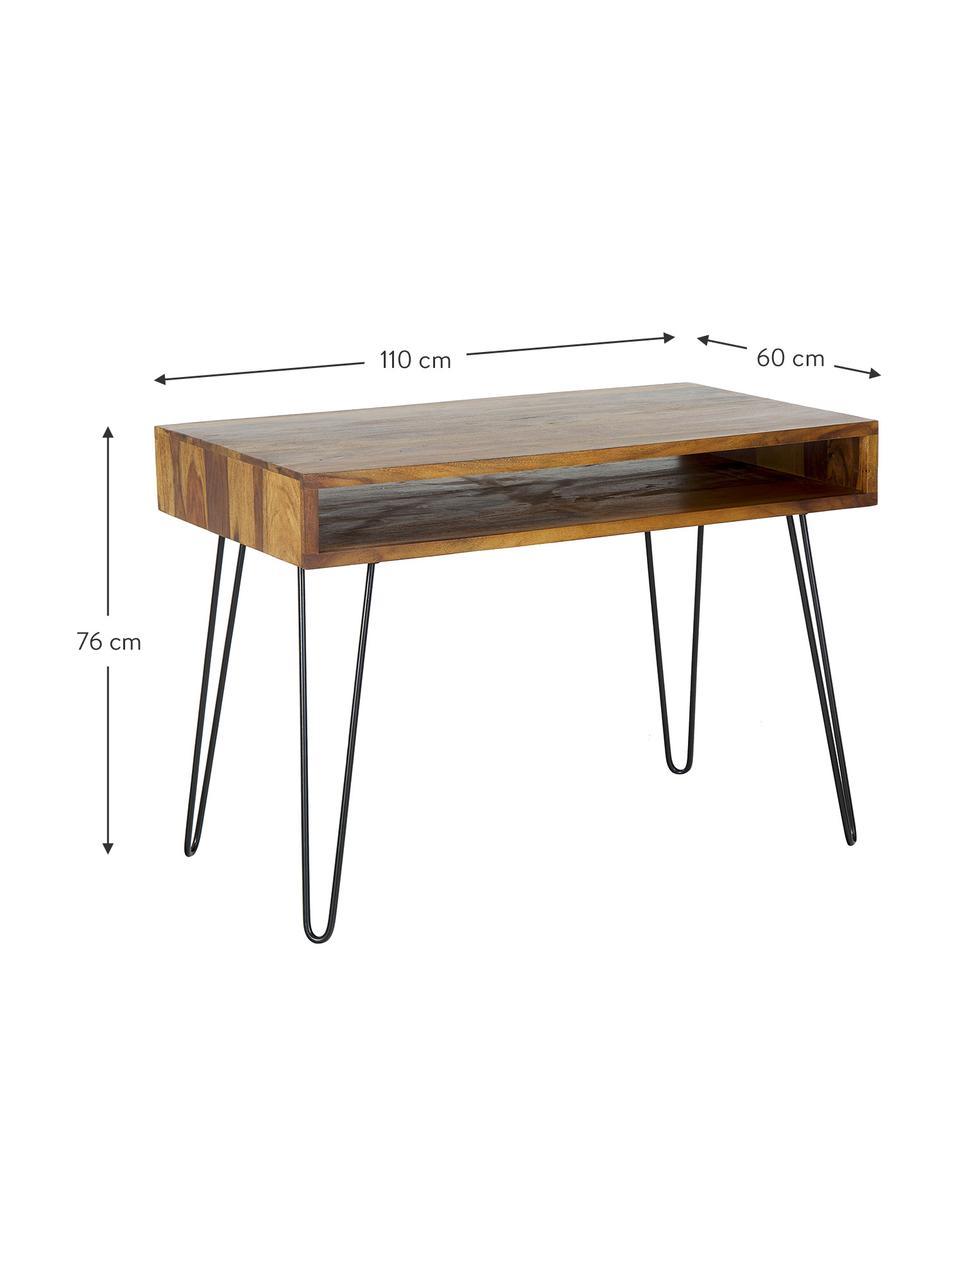 Bureau en bois et métal Repa, Sissoo, noir